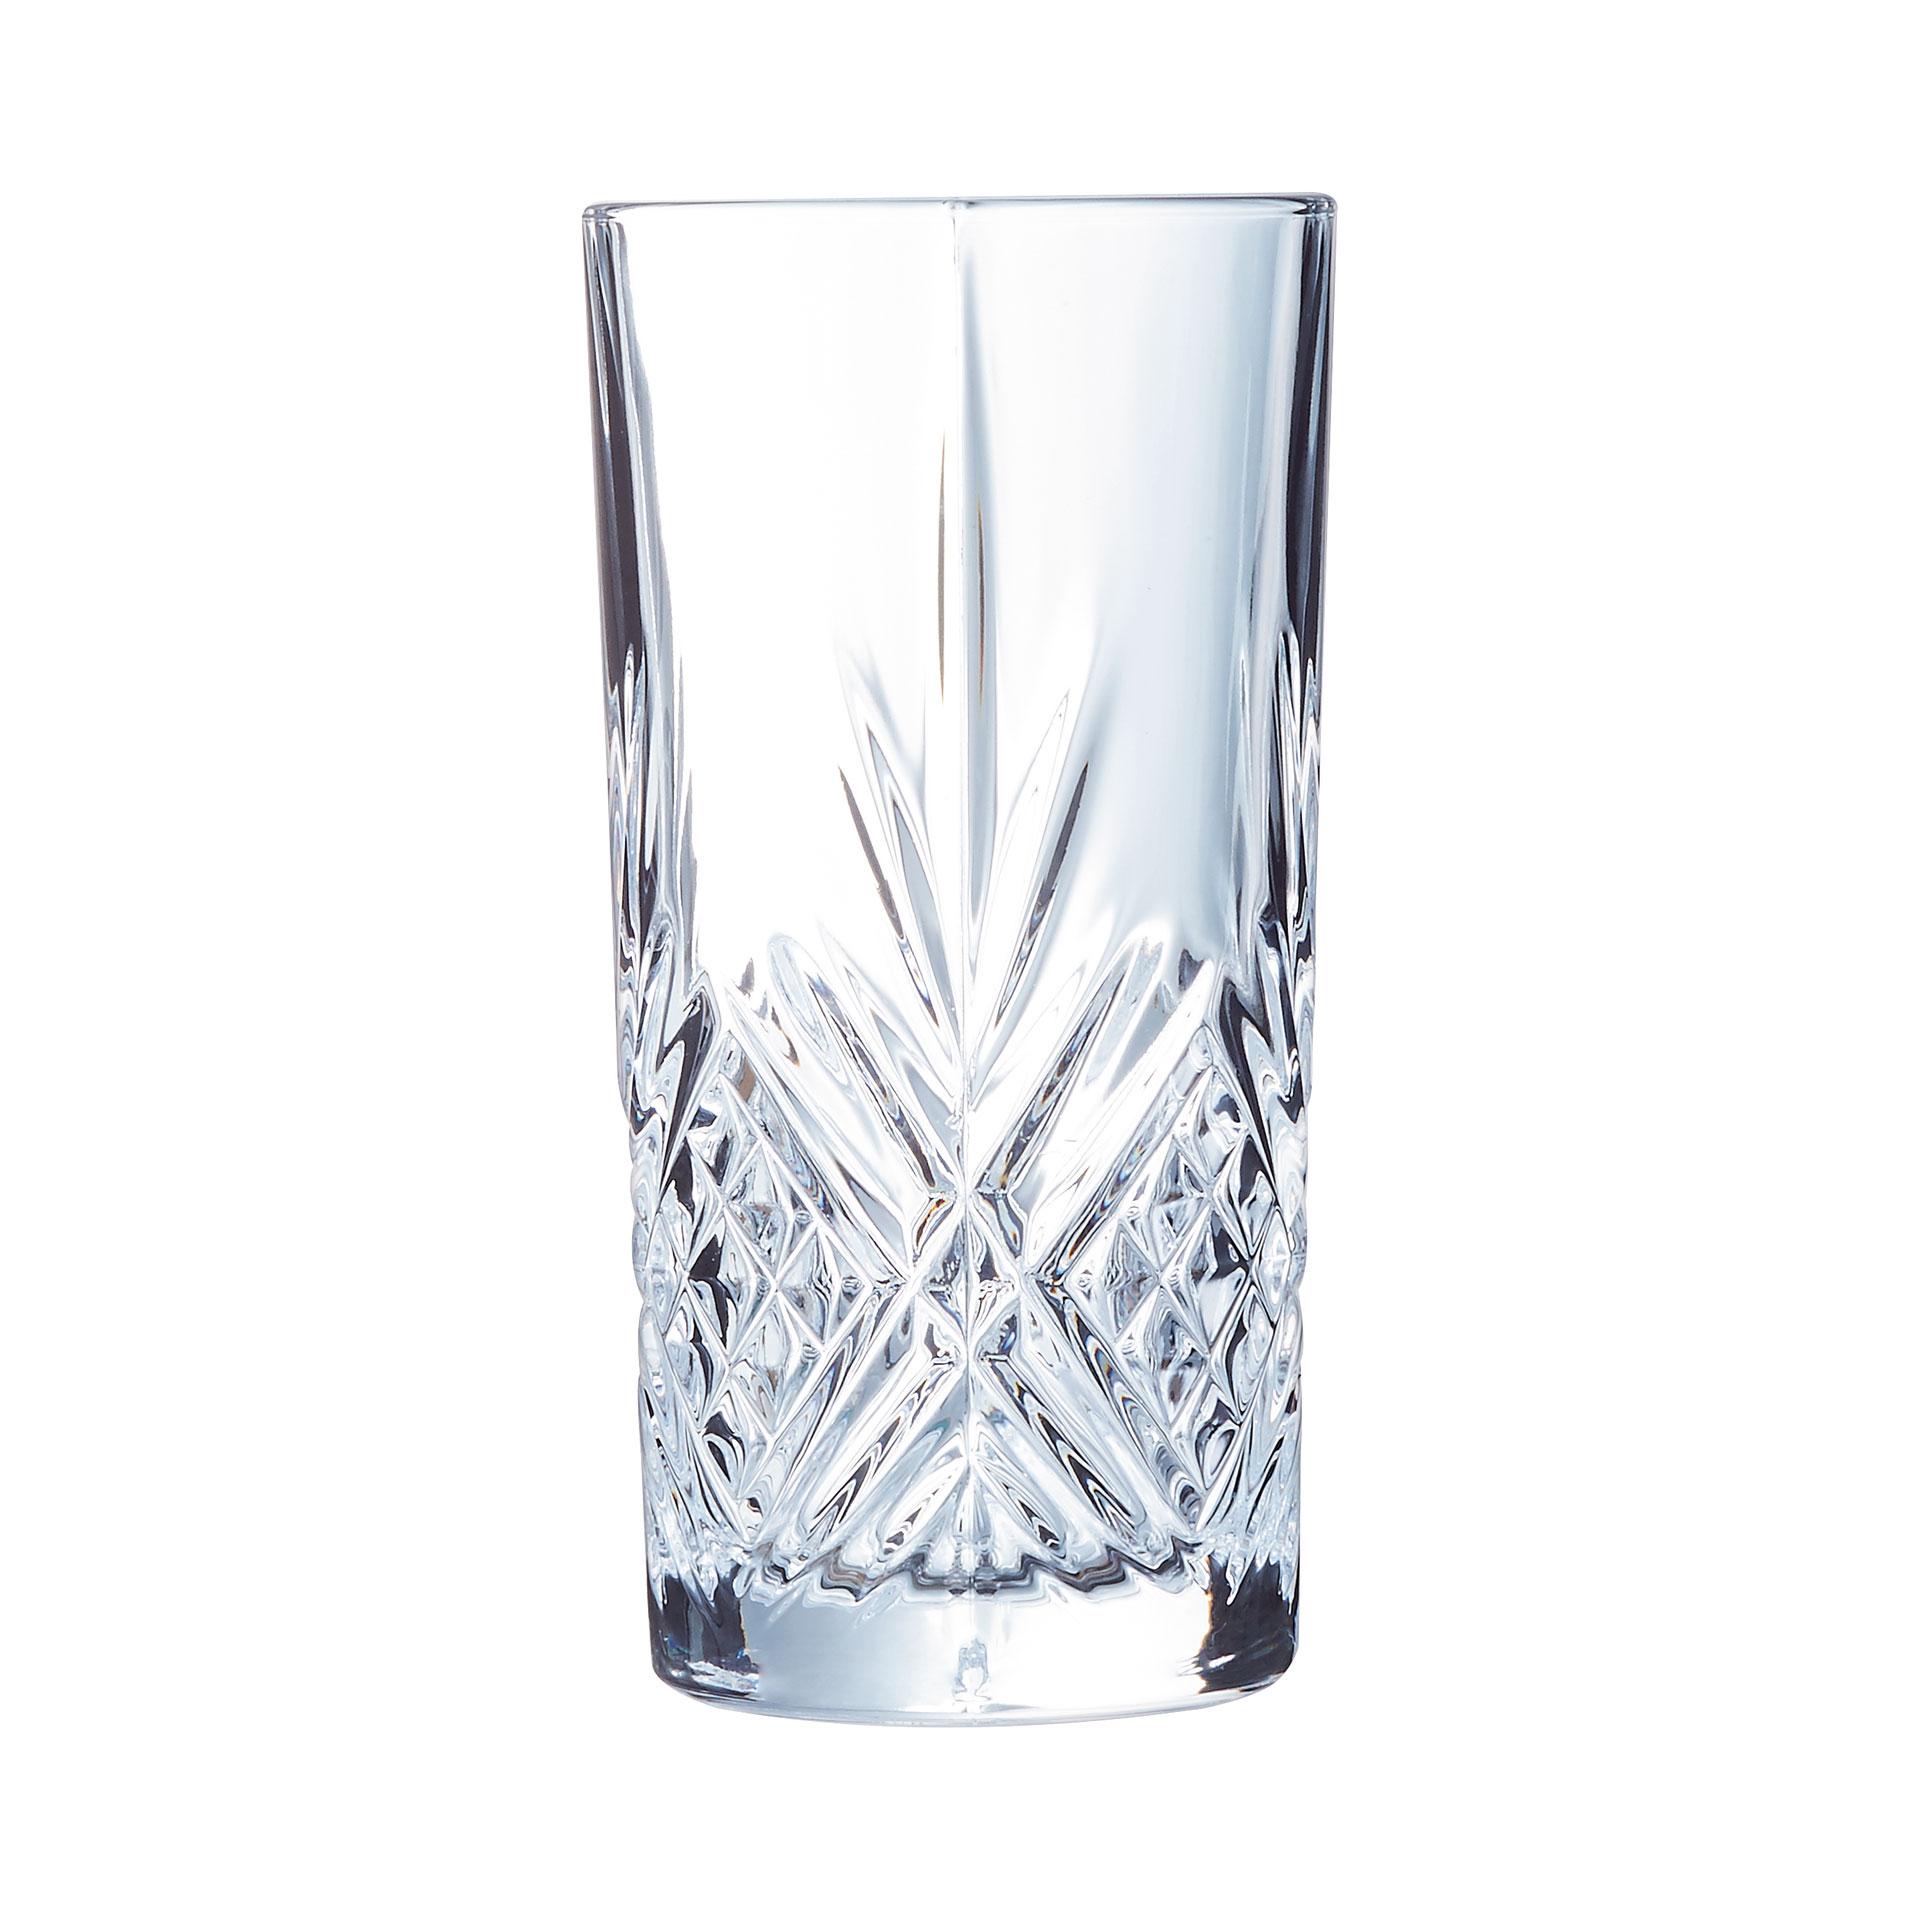 Cardinal L7256 glass, hi ball